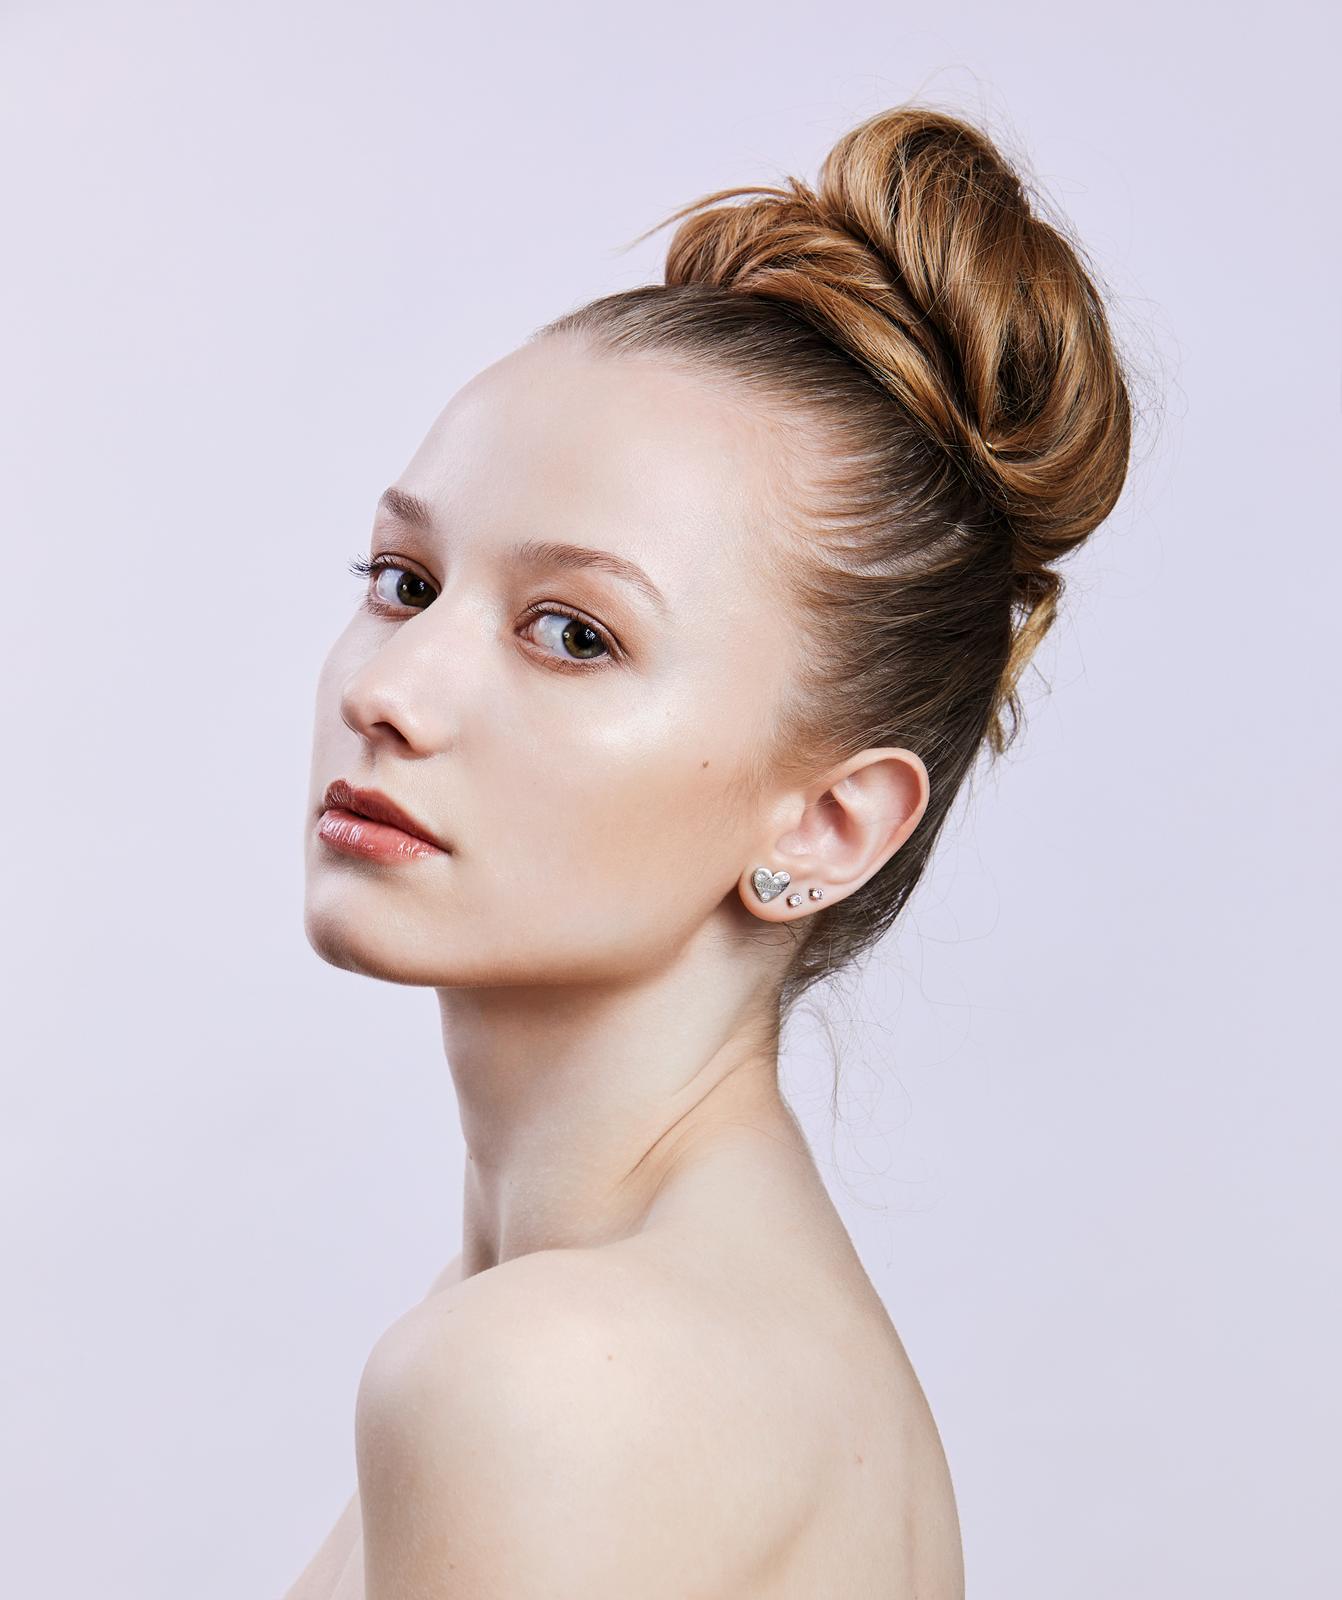 mornstlu - #naturalbeauty #nudefotomakeup #petrweiglphotography #makeupinstituteprague